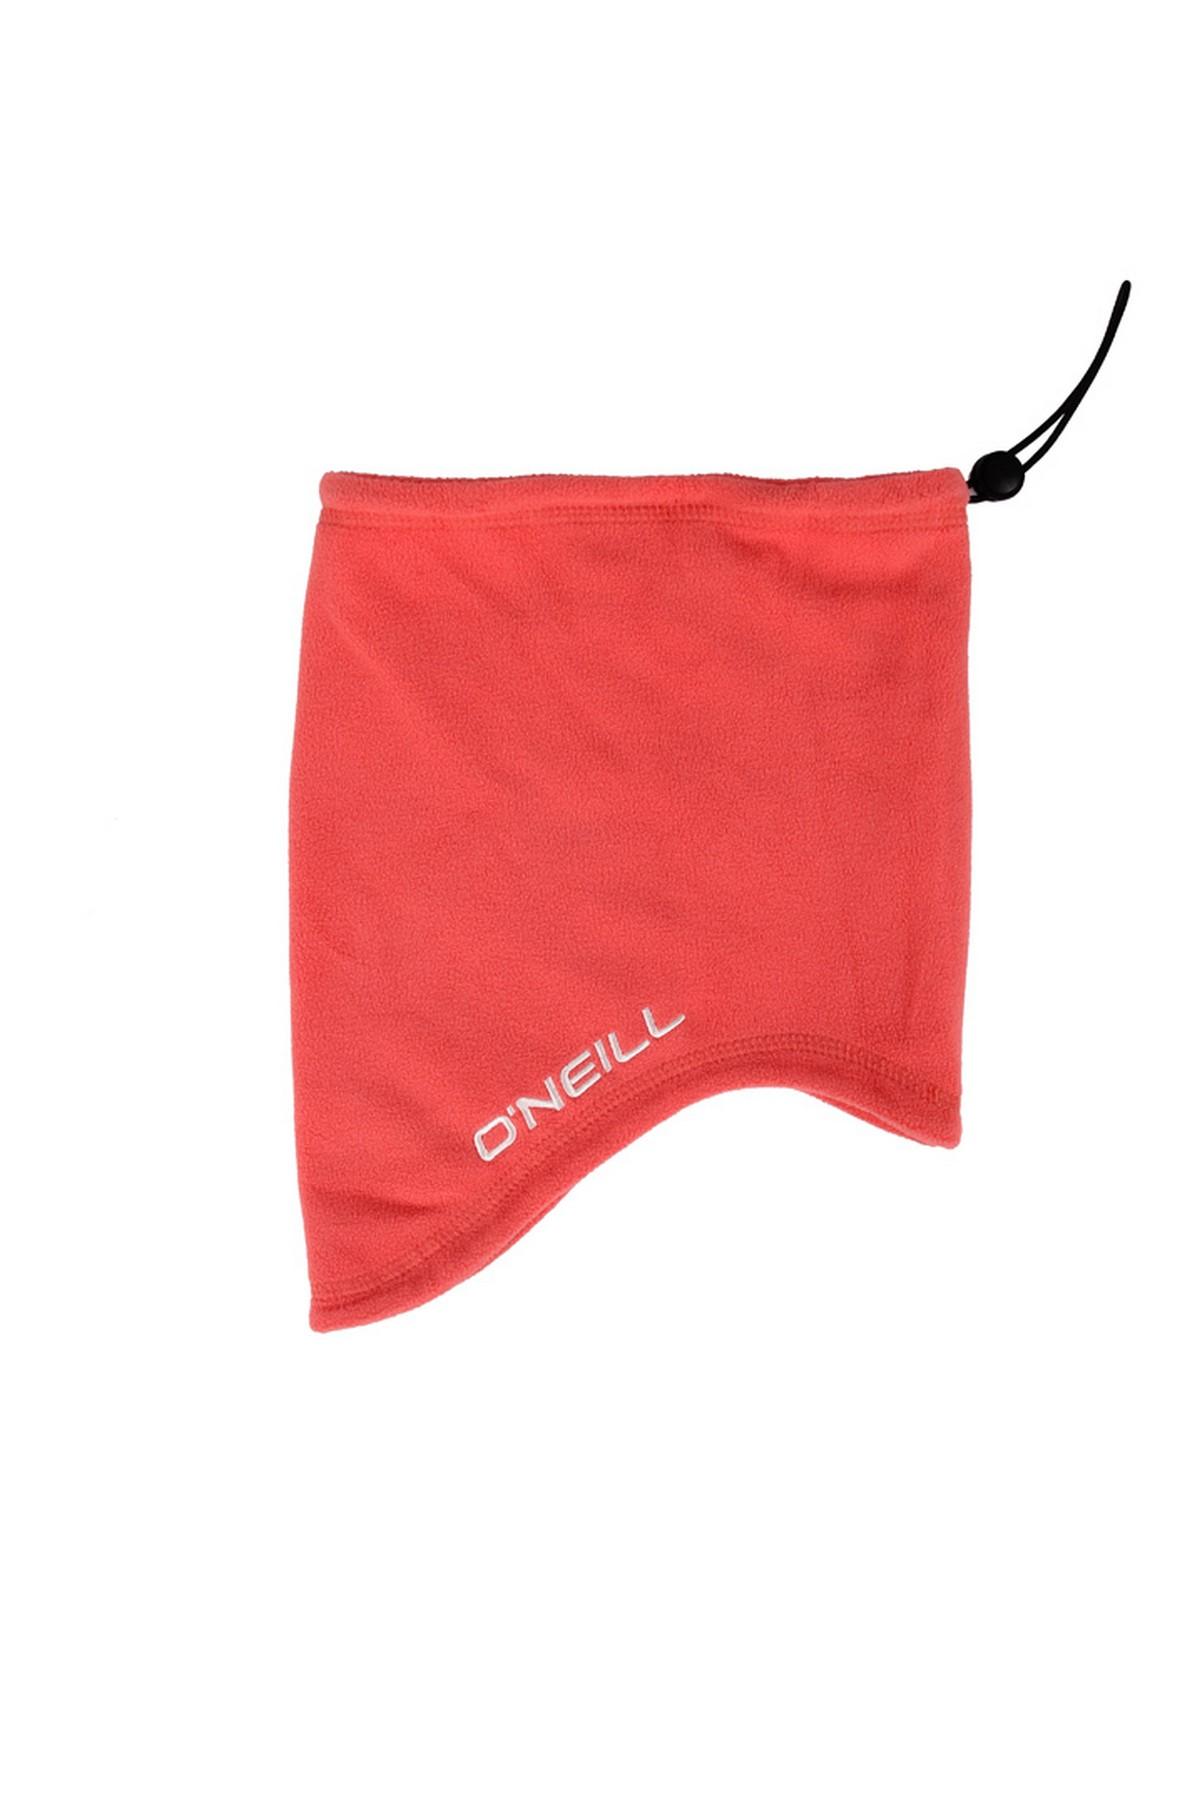 ONeil 259200-4046